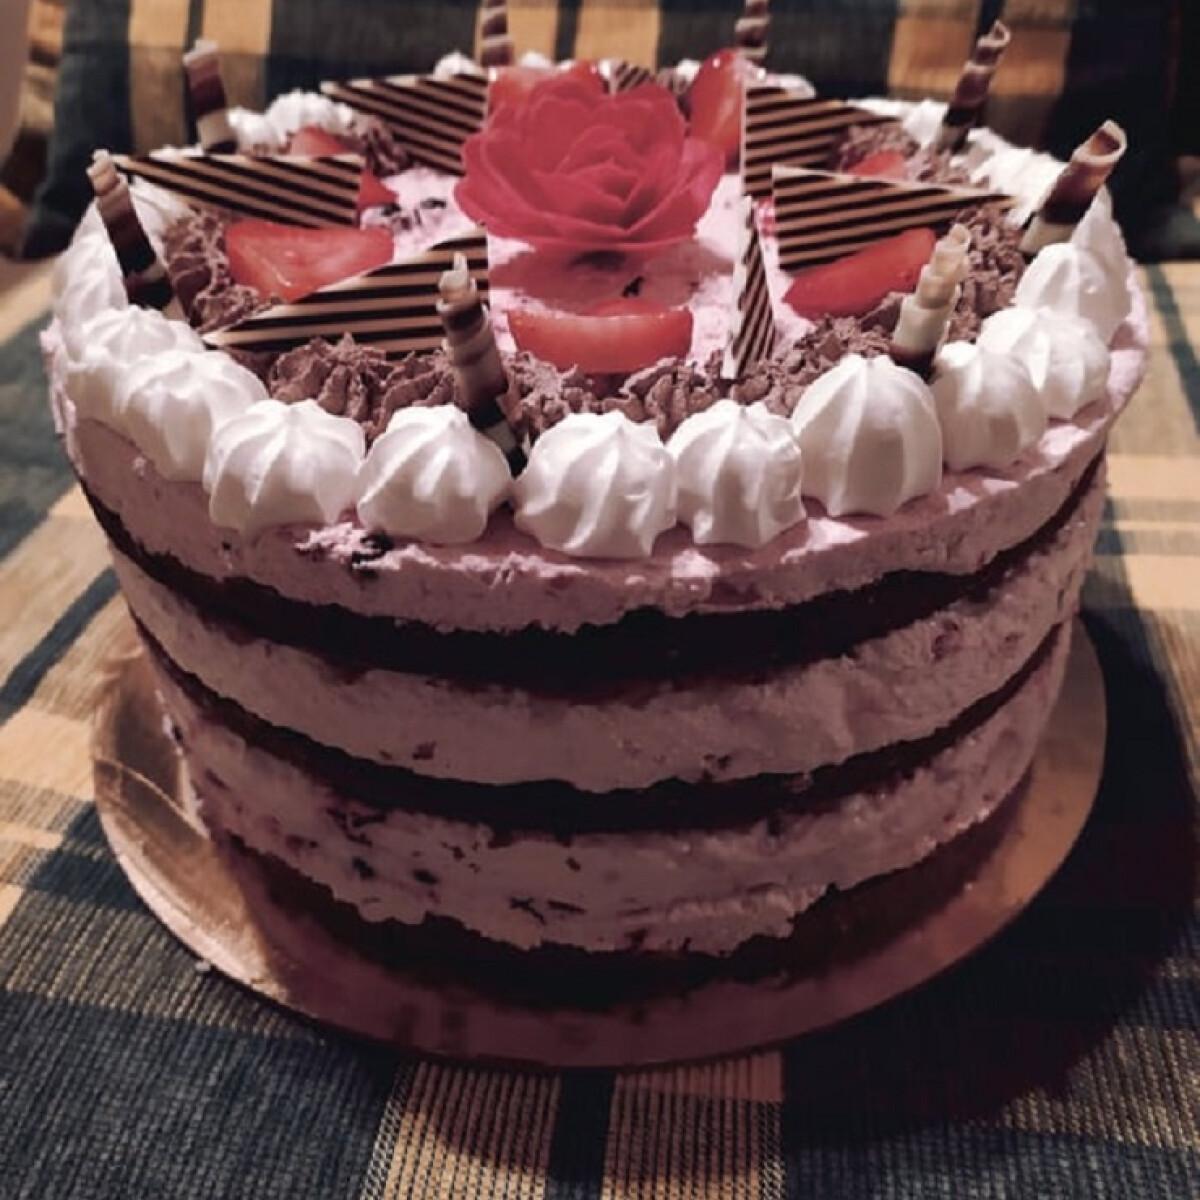 Ezen a képen: Erdei gyümölcsös túrókrémes torta - saját ötlet alapján